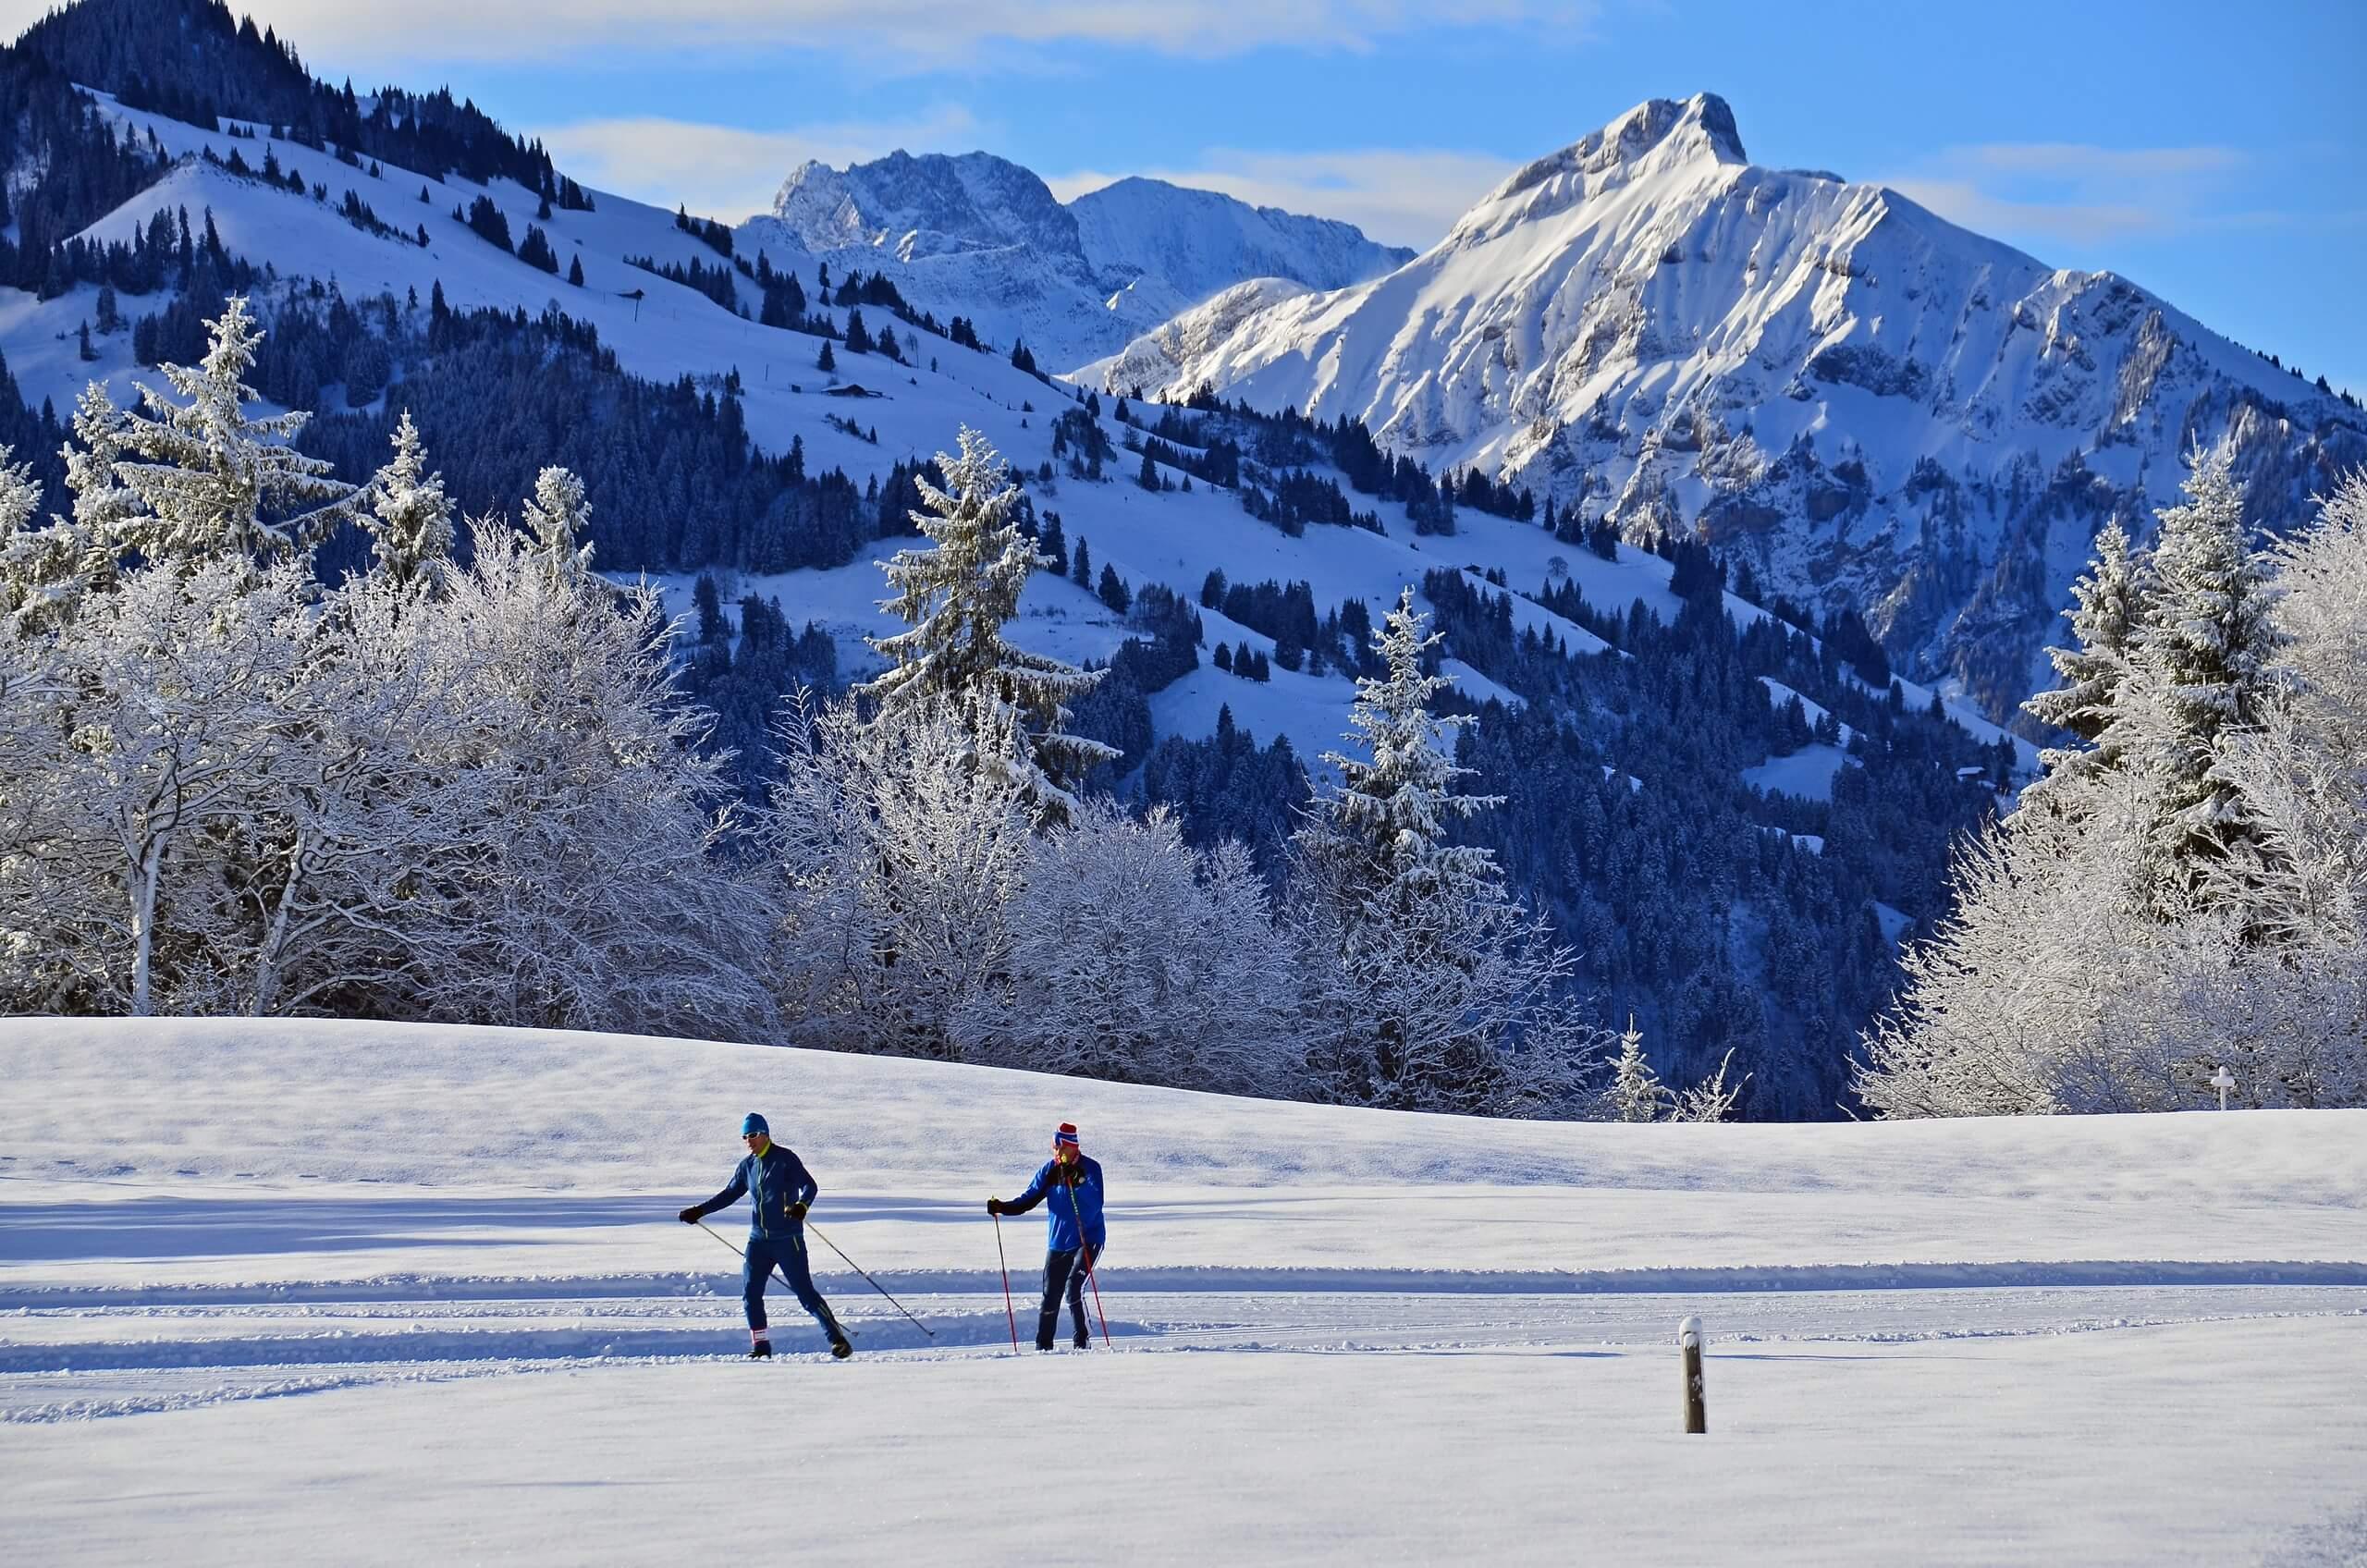 spiez-langlauf-loipe-suldtal-schnee-winter-sport